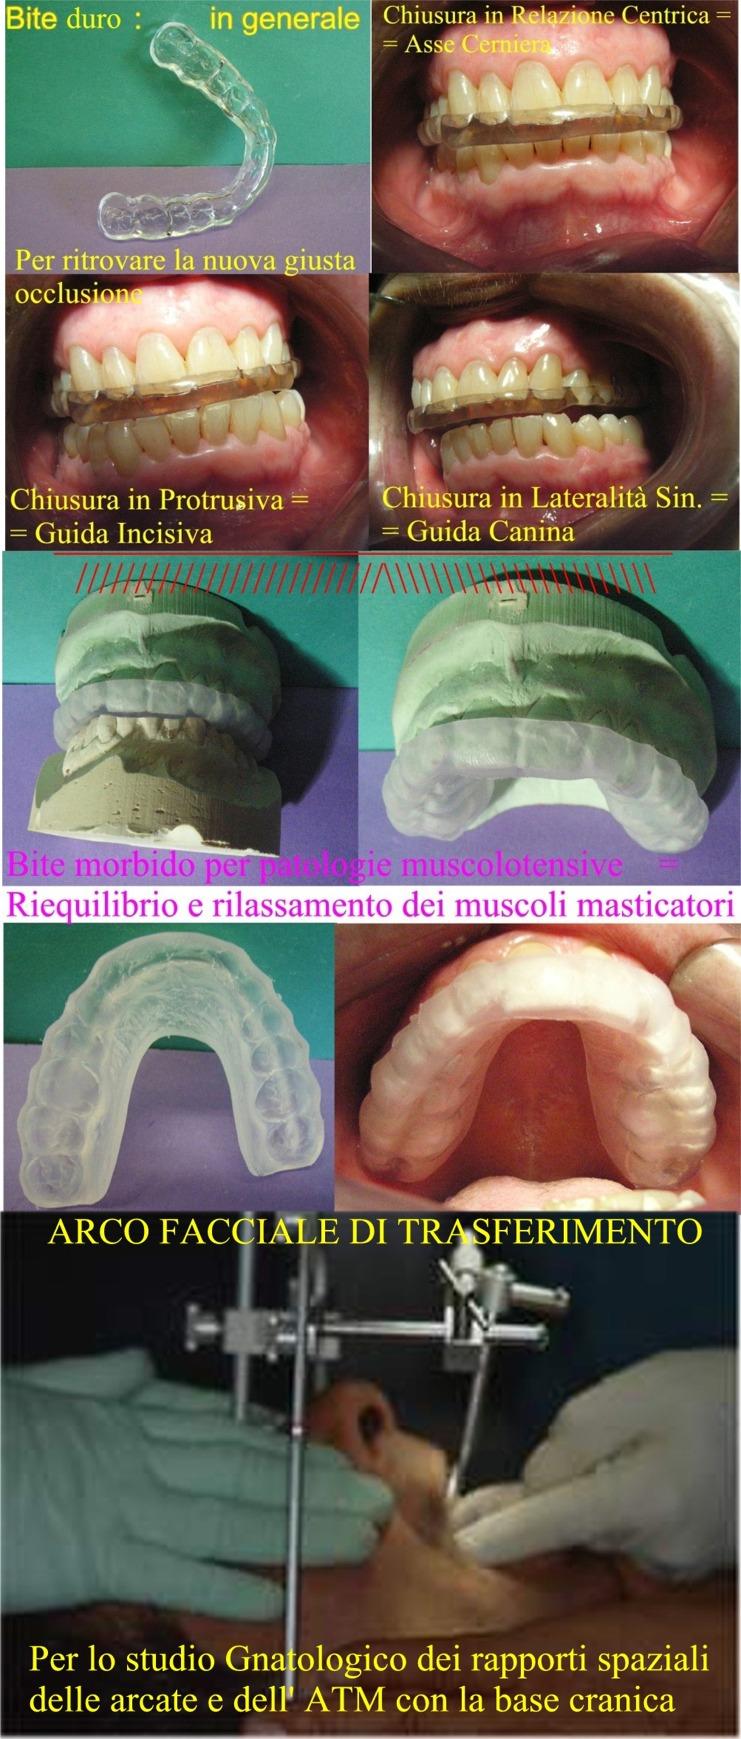 Bite di diversi tipi e in fondo arco facciale di trasferimento per molaggio selettivo gnatologico grave.Da Casistica DEL Dr. Gustavo Petti di Cagliari